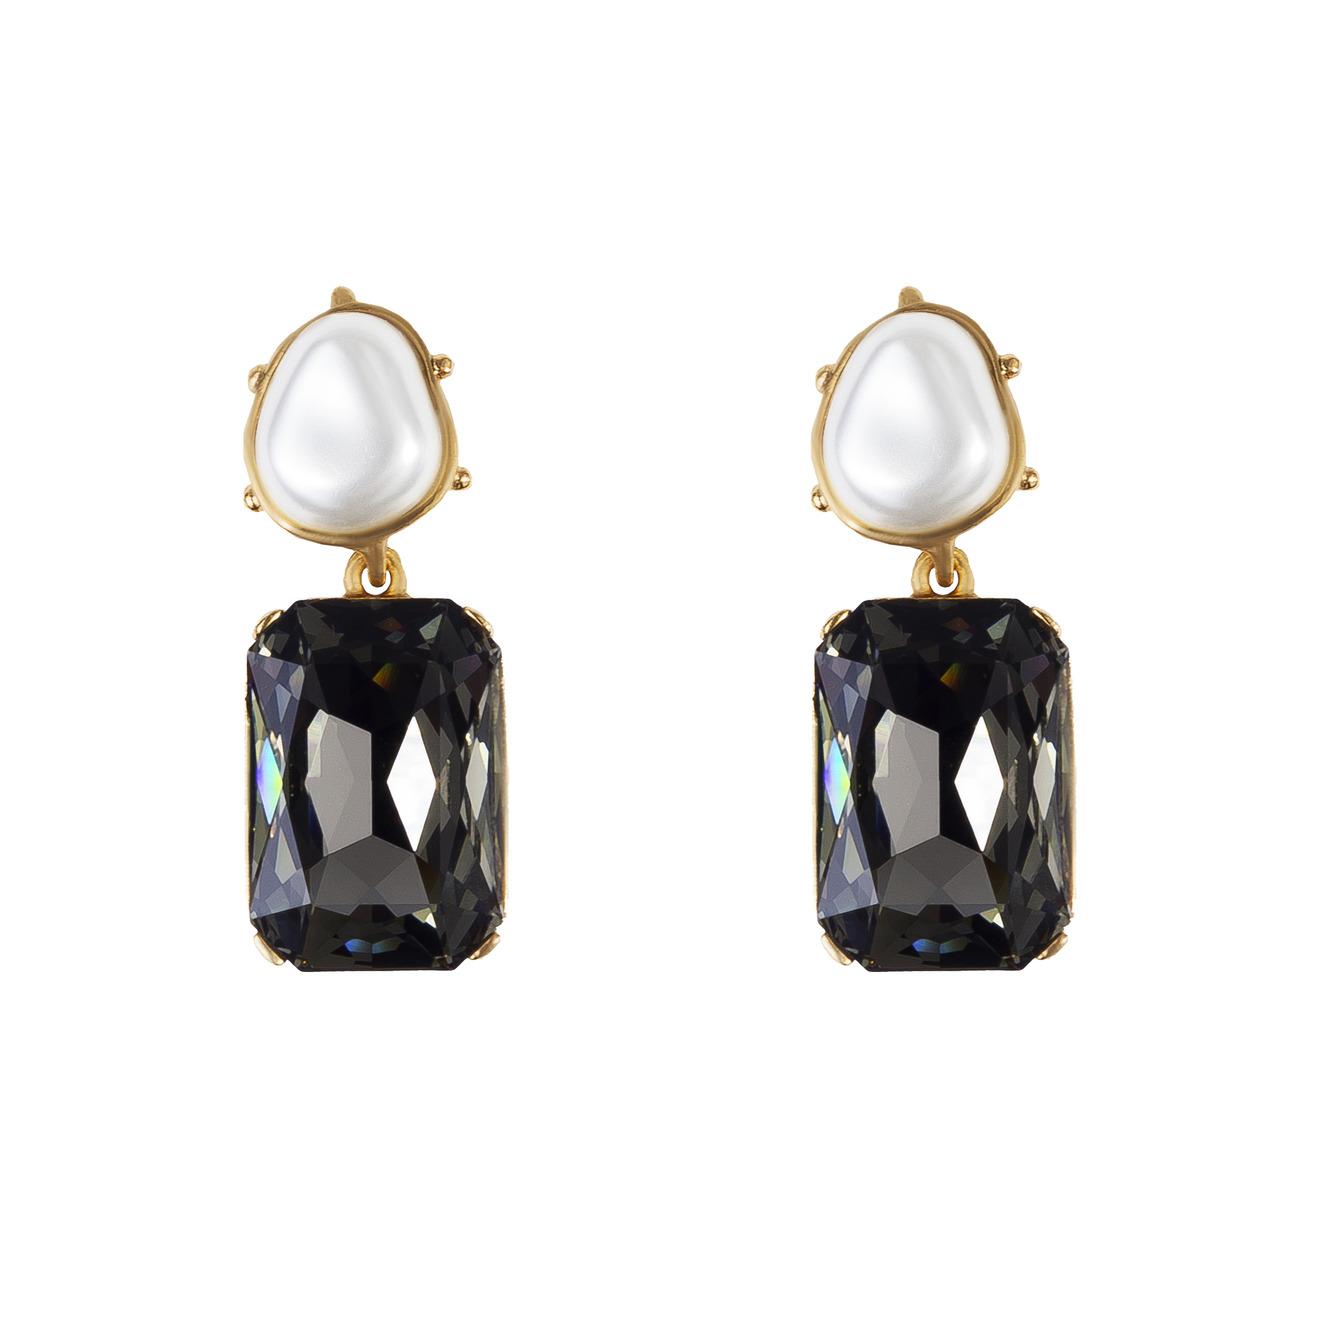 Oscar de la Renta Золотистые клипсы с черными кристаллами